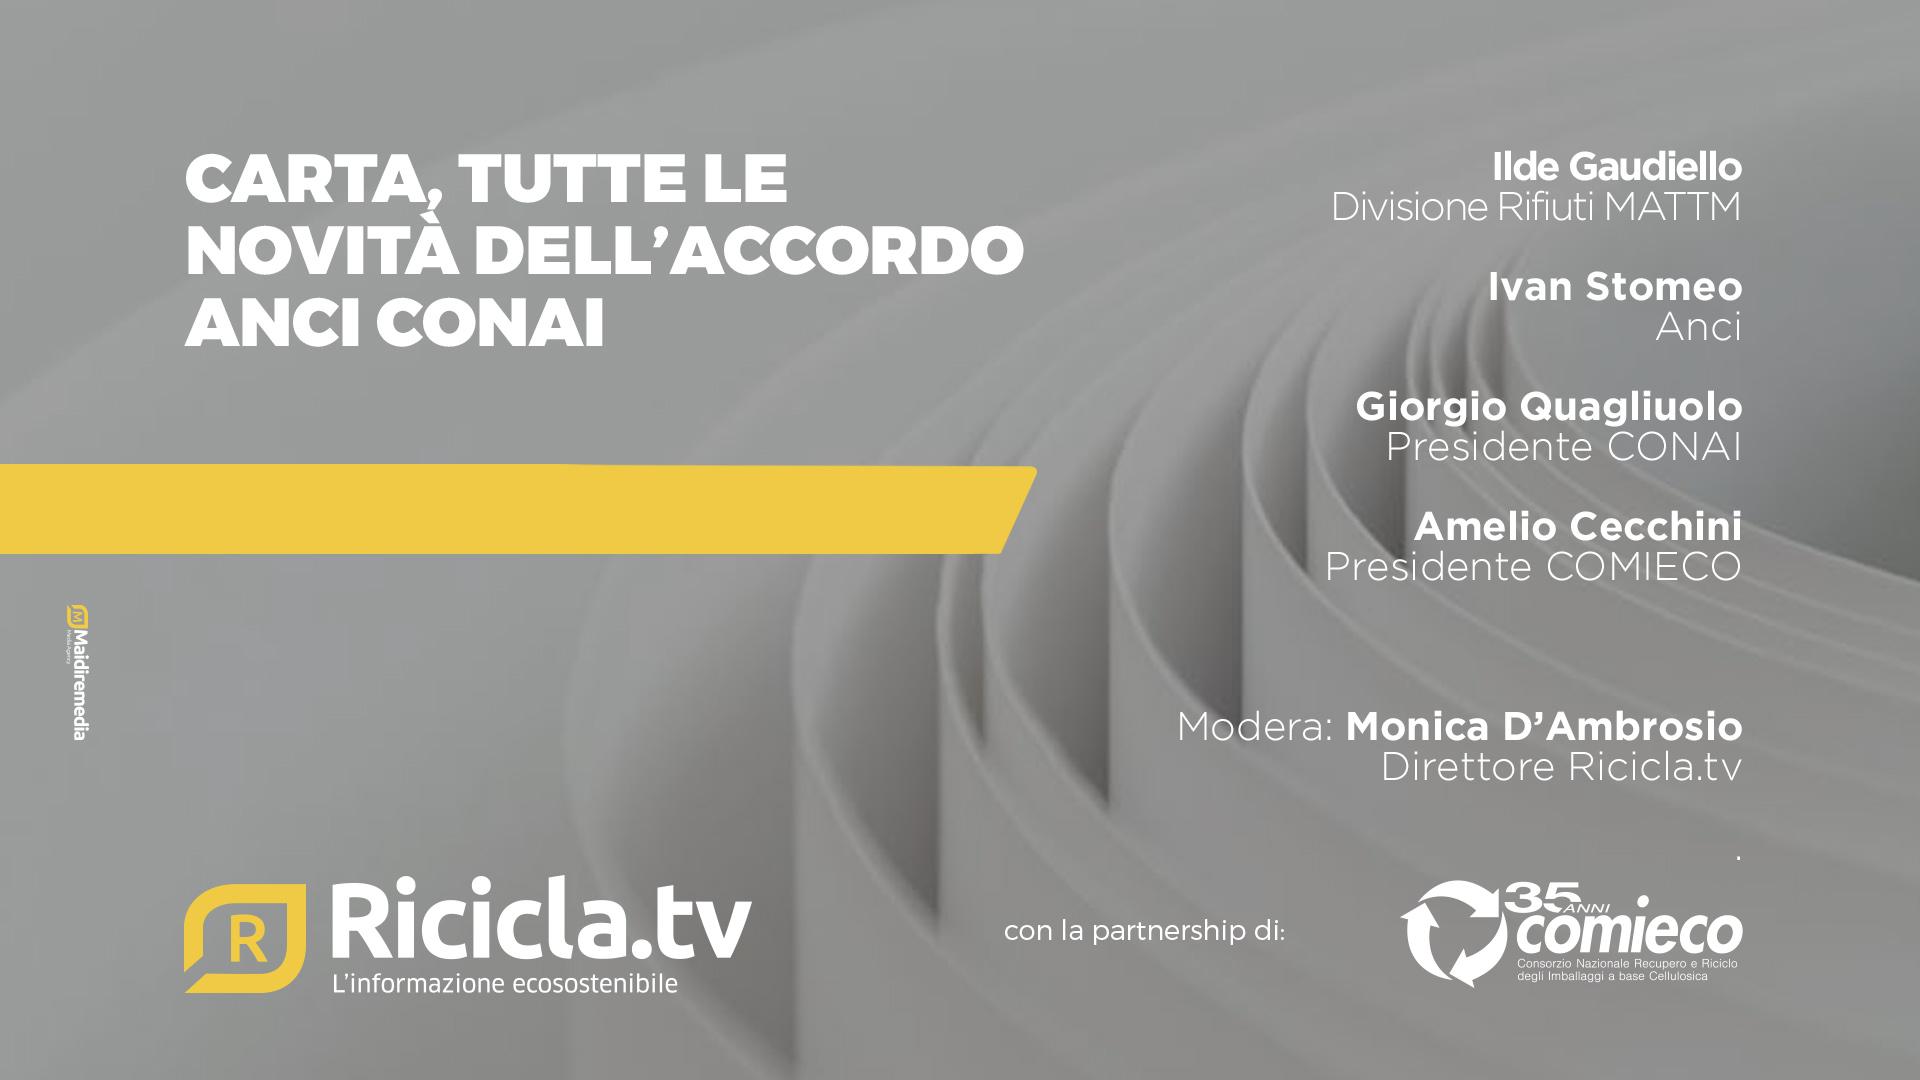 CARTA, TUTTE LE NOVITA' DELL'ACCORDO ANCI-CONAI